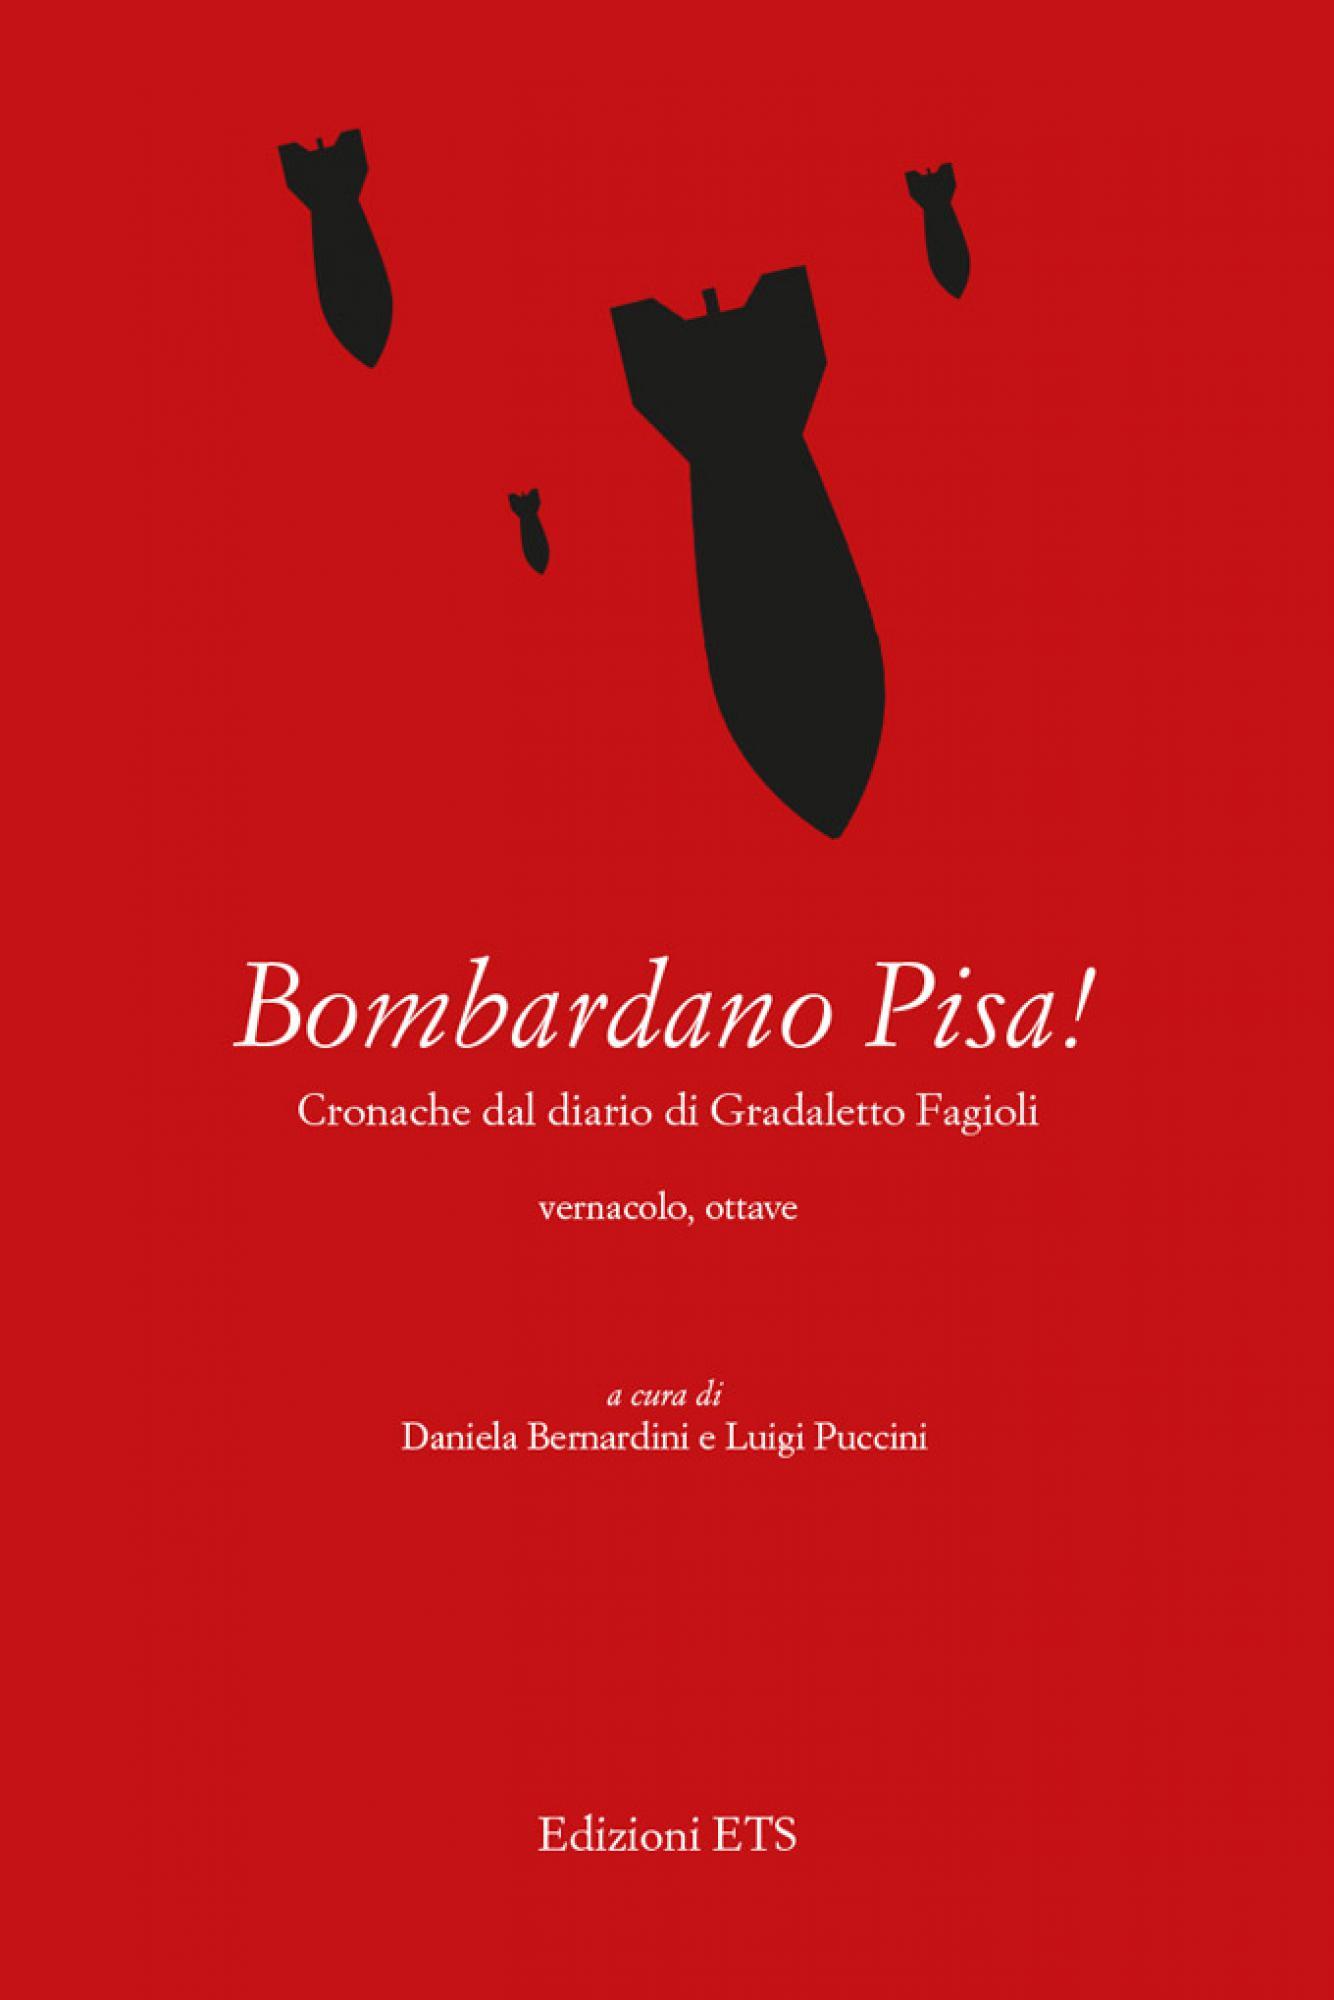 <em>Bombardano Pisa!</em>.Cronache dal diario di Gradaletto Fagioli.